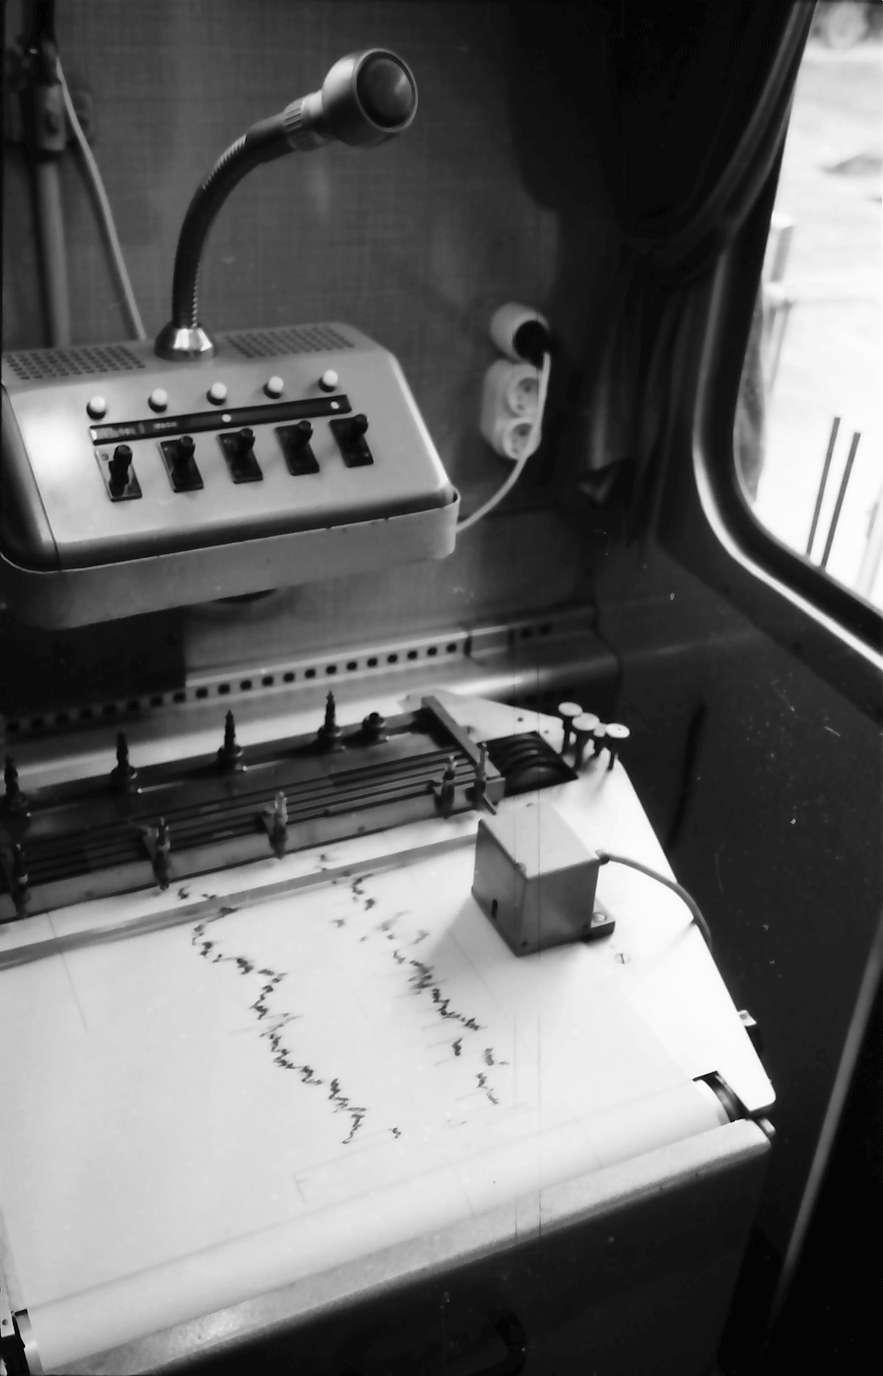 Triberg: Registrierpult mit Aufzeichnugsgerät, Bild 1